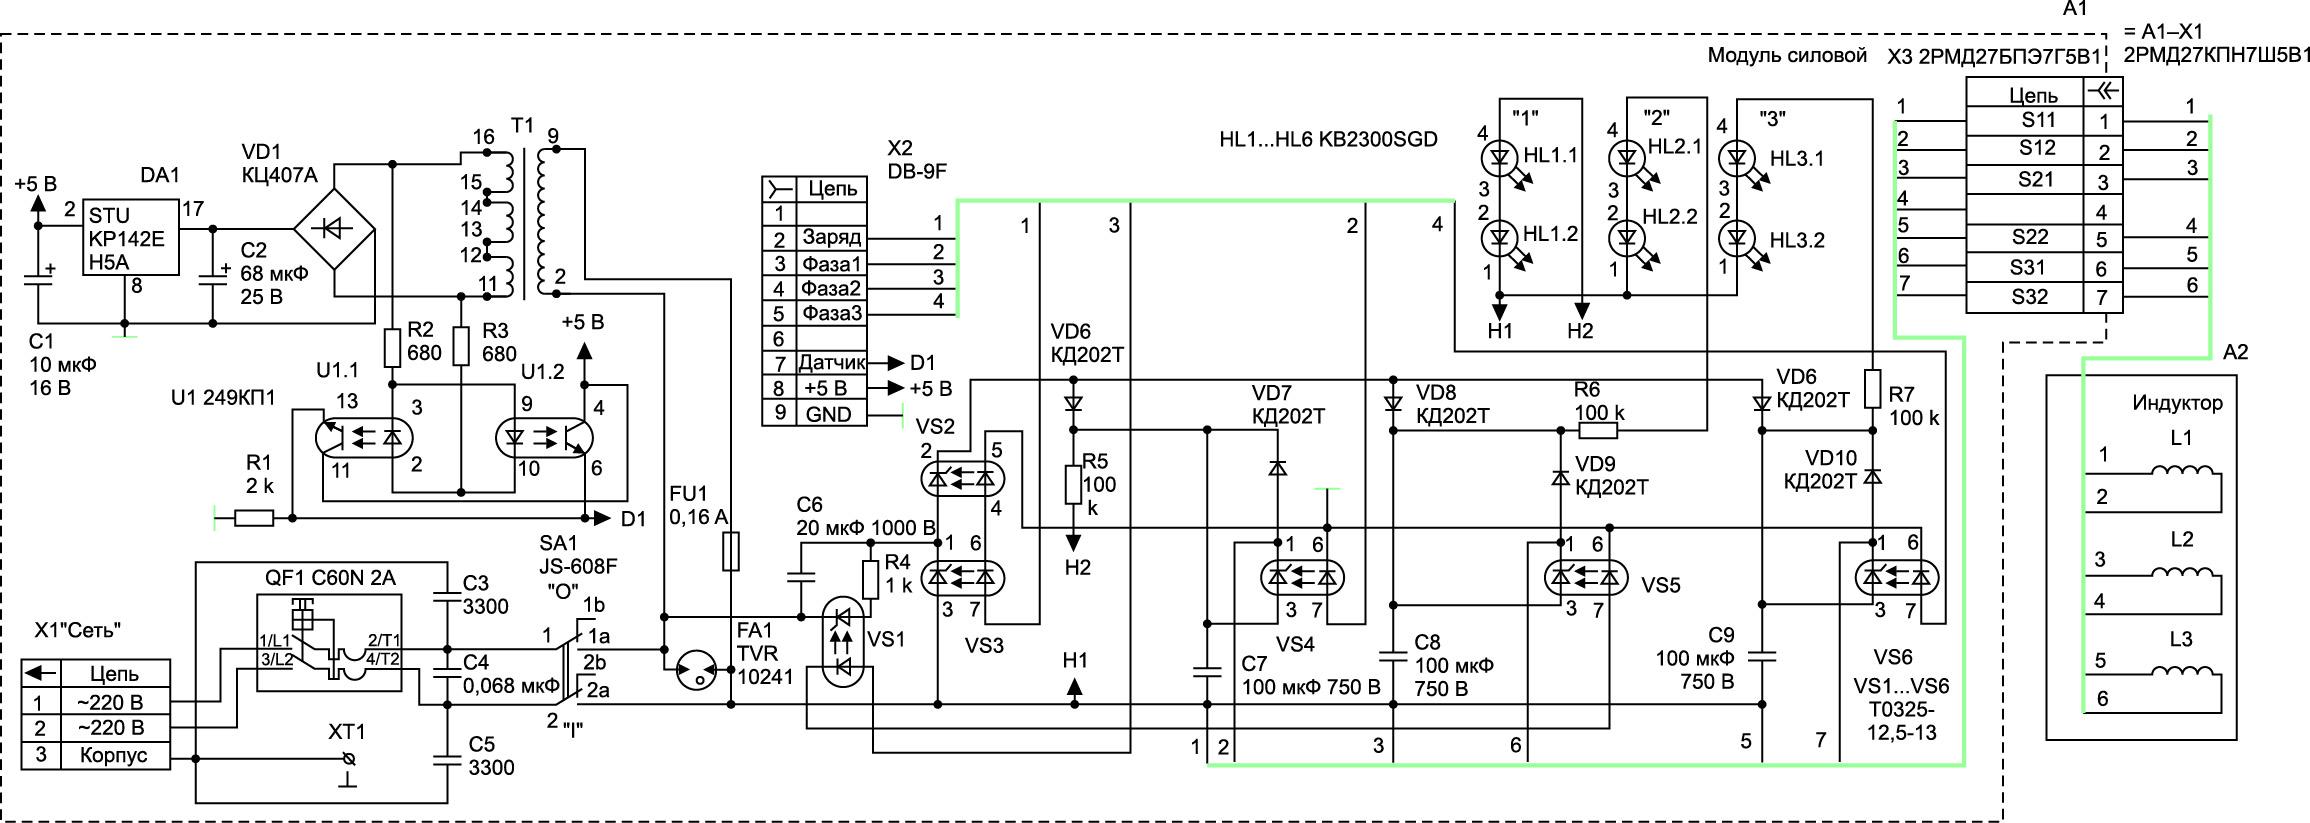 Принципиальная схема силового модуля МТ-установки